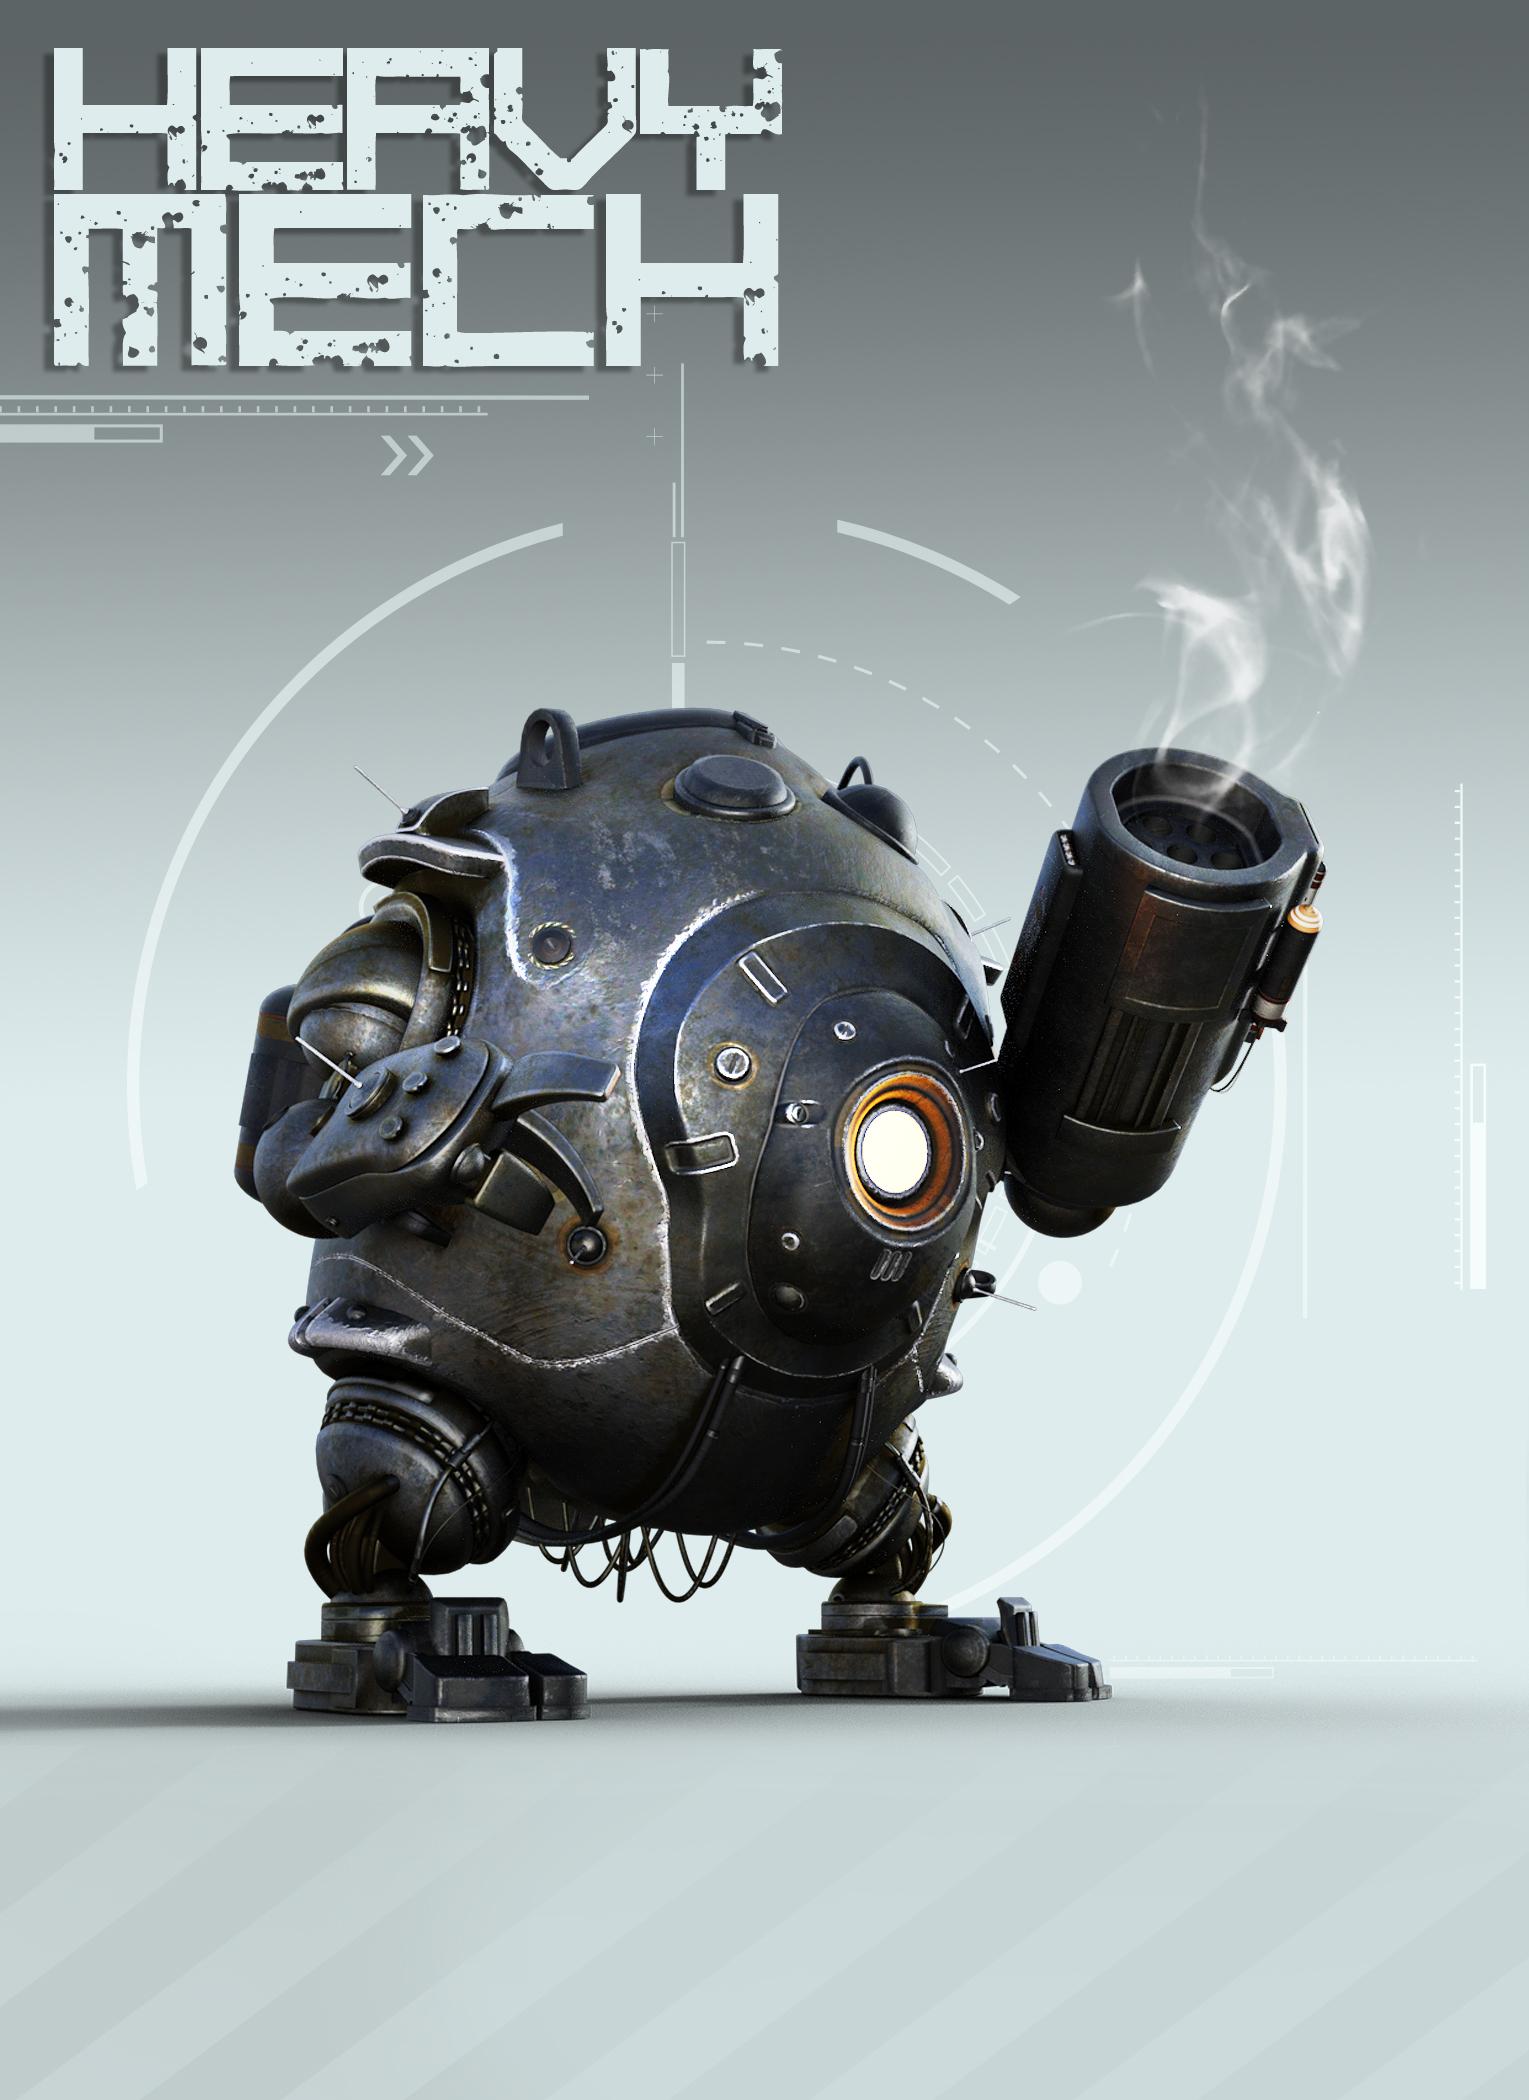 Heavy Mech by: The AntFarm, 3D Models by Daz 3D